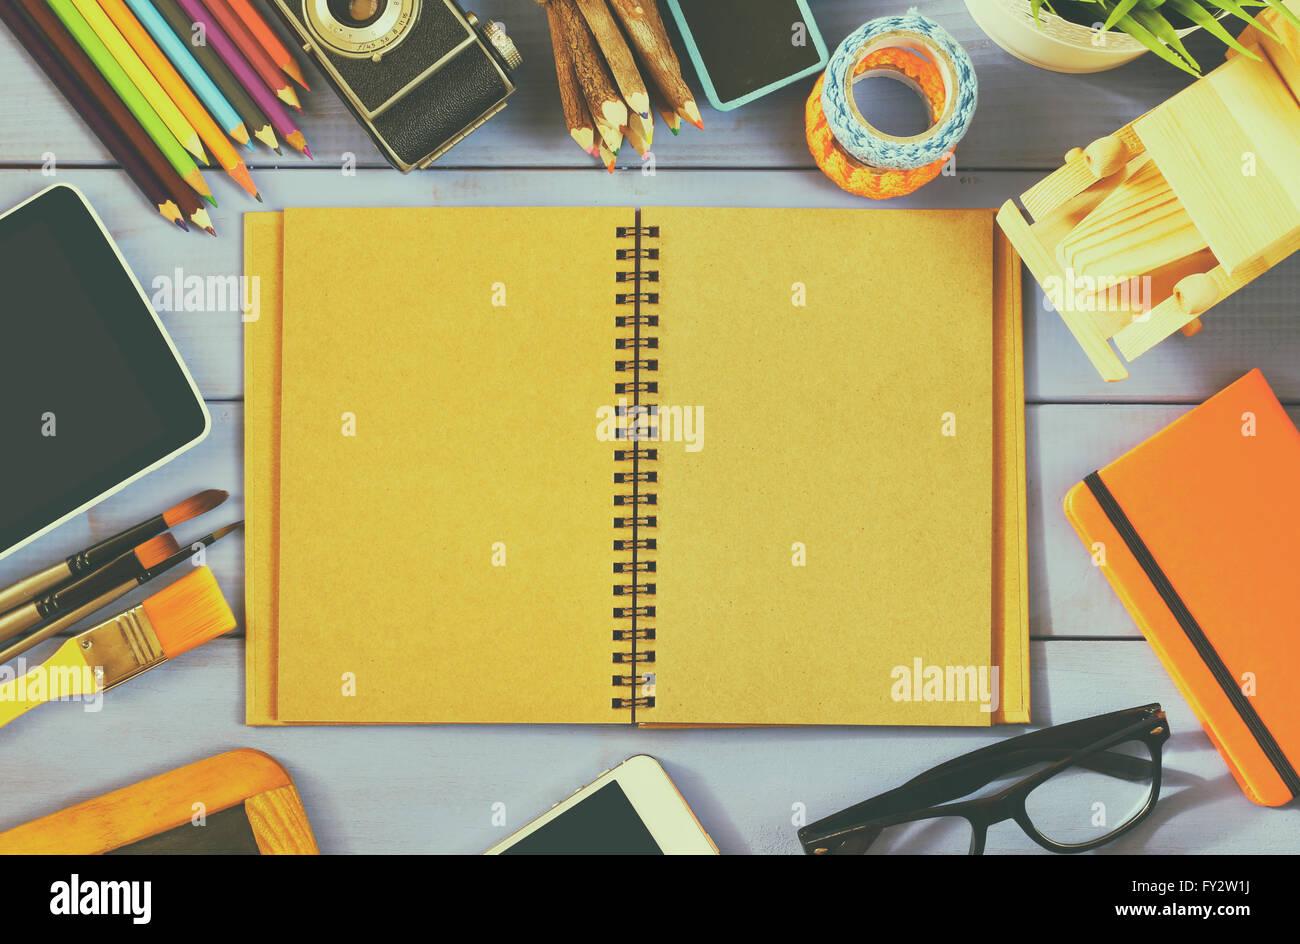 Vista superior de fotografía portátil blanco, antigua cámara y suministros escolares sobre la mesa Imagen De Stock